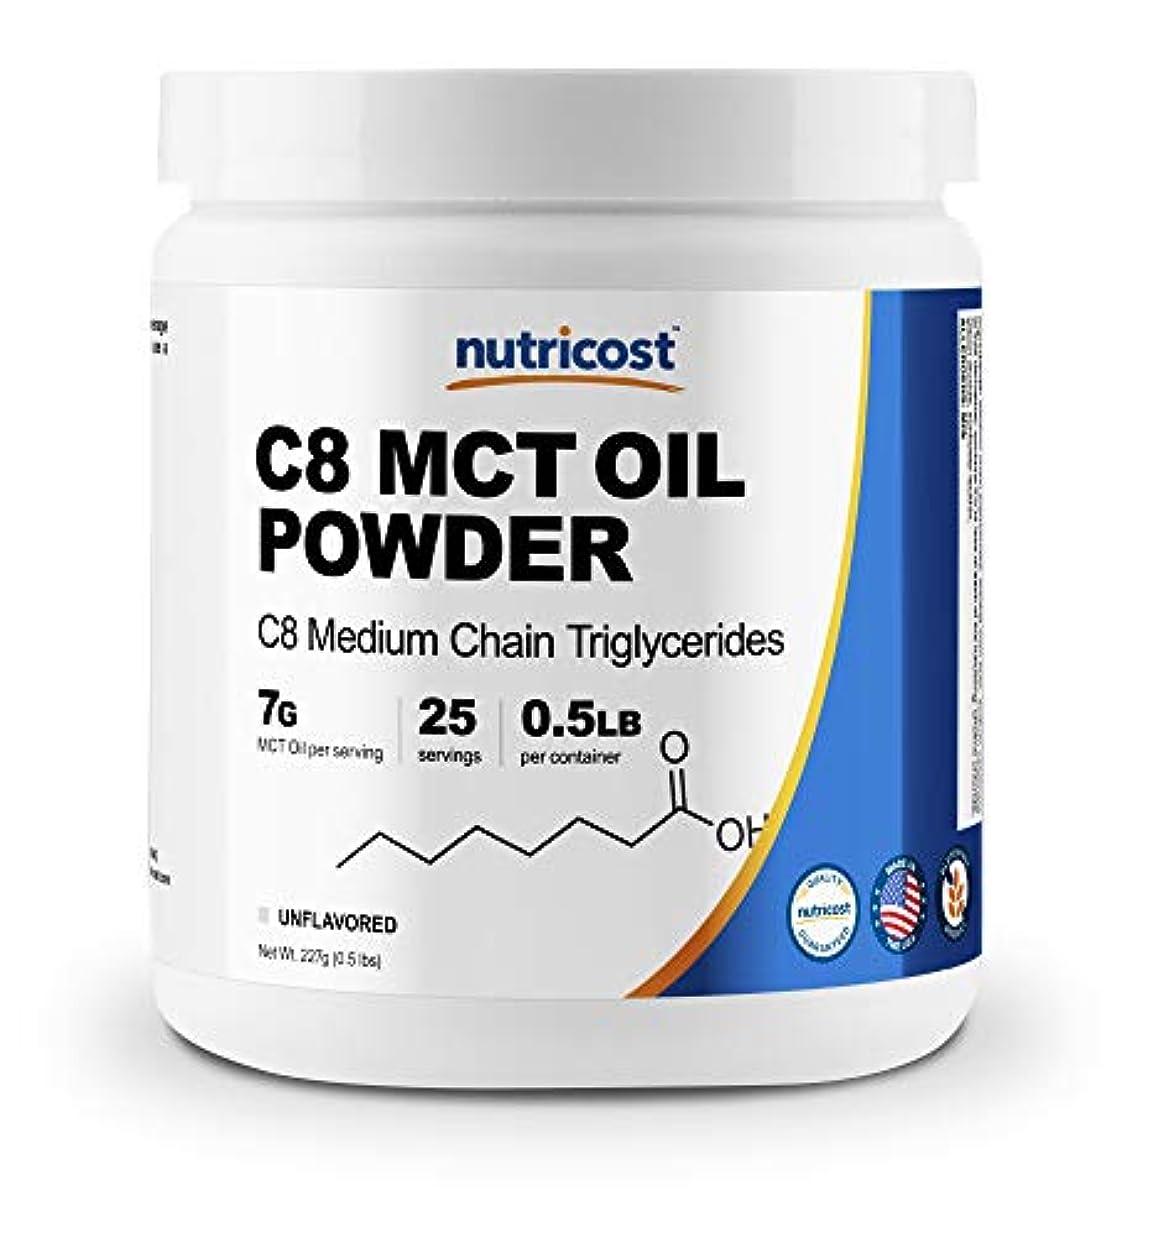 シリングおびえた青写真Nutricost C8 MCTオイル パウダー 0.5LB (ノンフレーバー味)、C8(95%)、非GMO、グルテンフリー